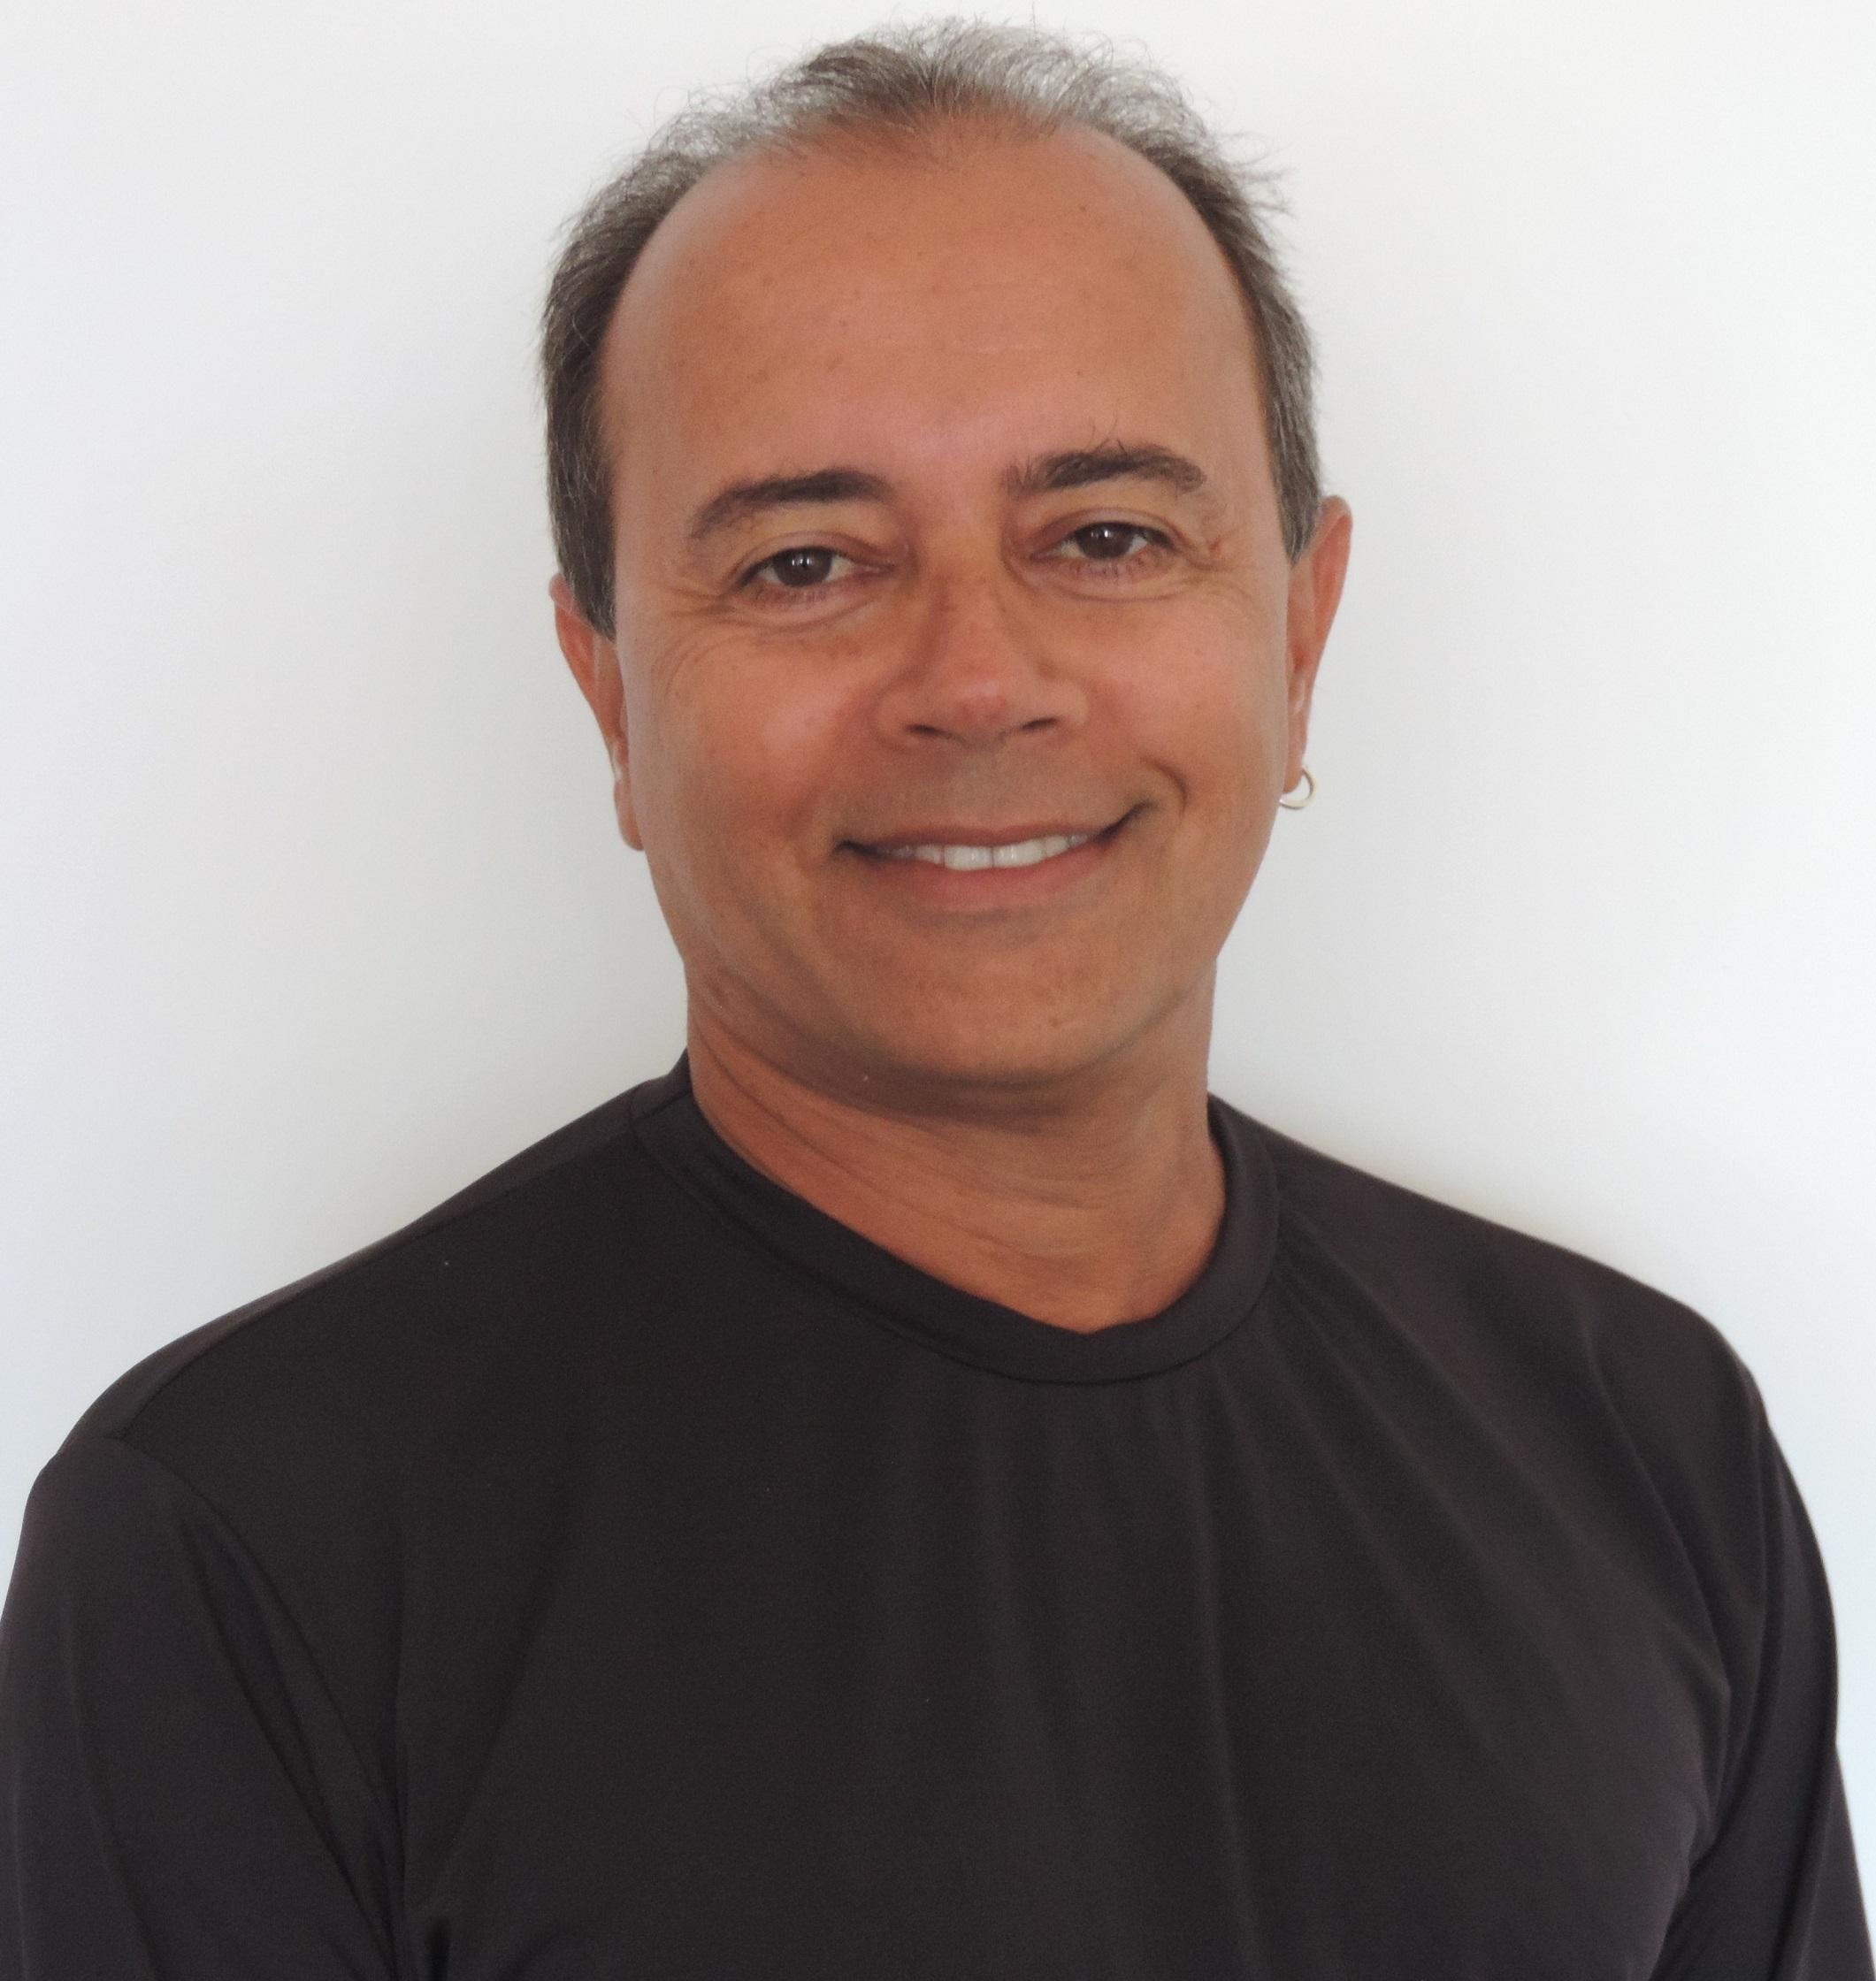 José Carlos Assunção Novaes